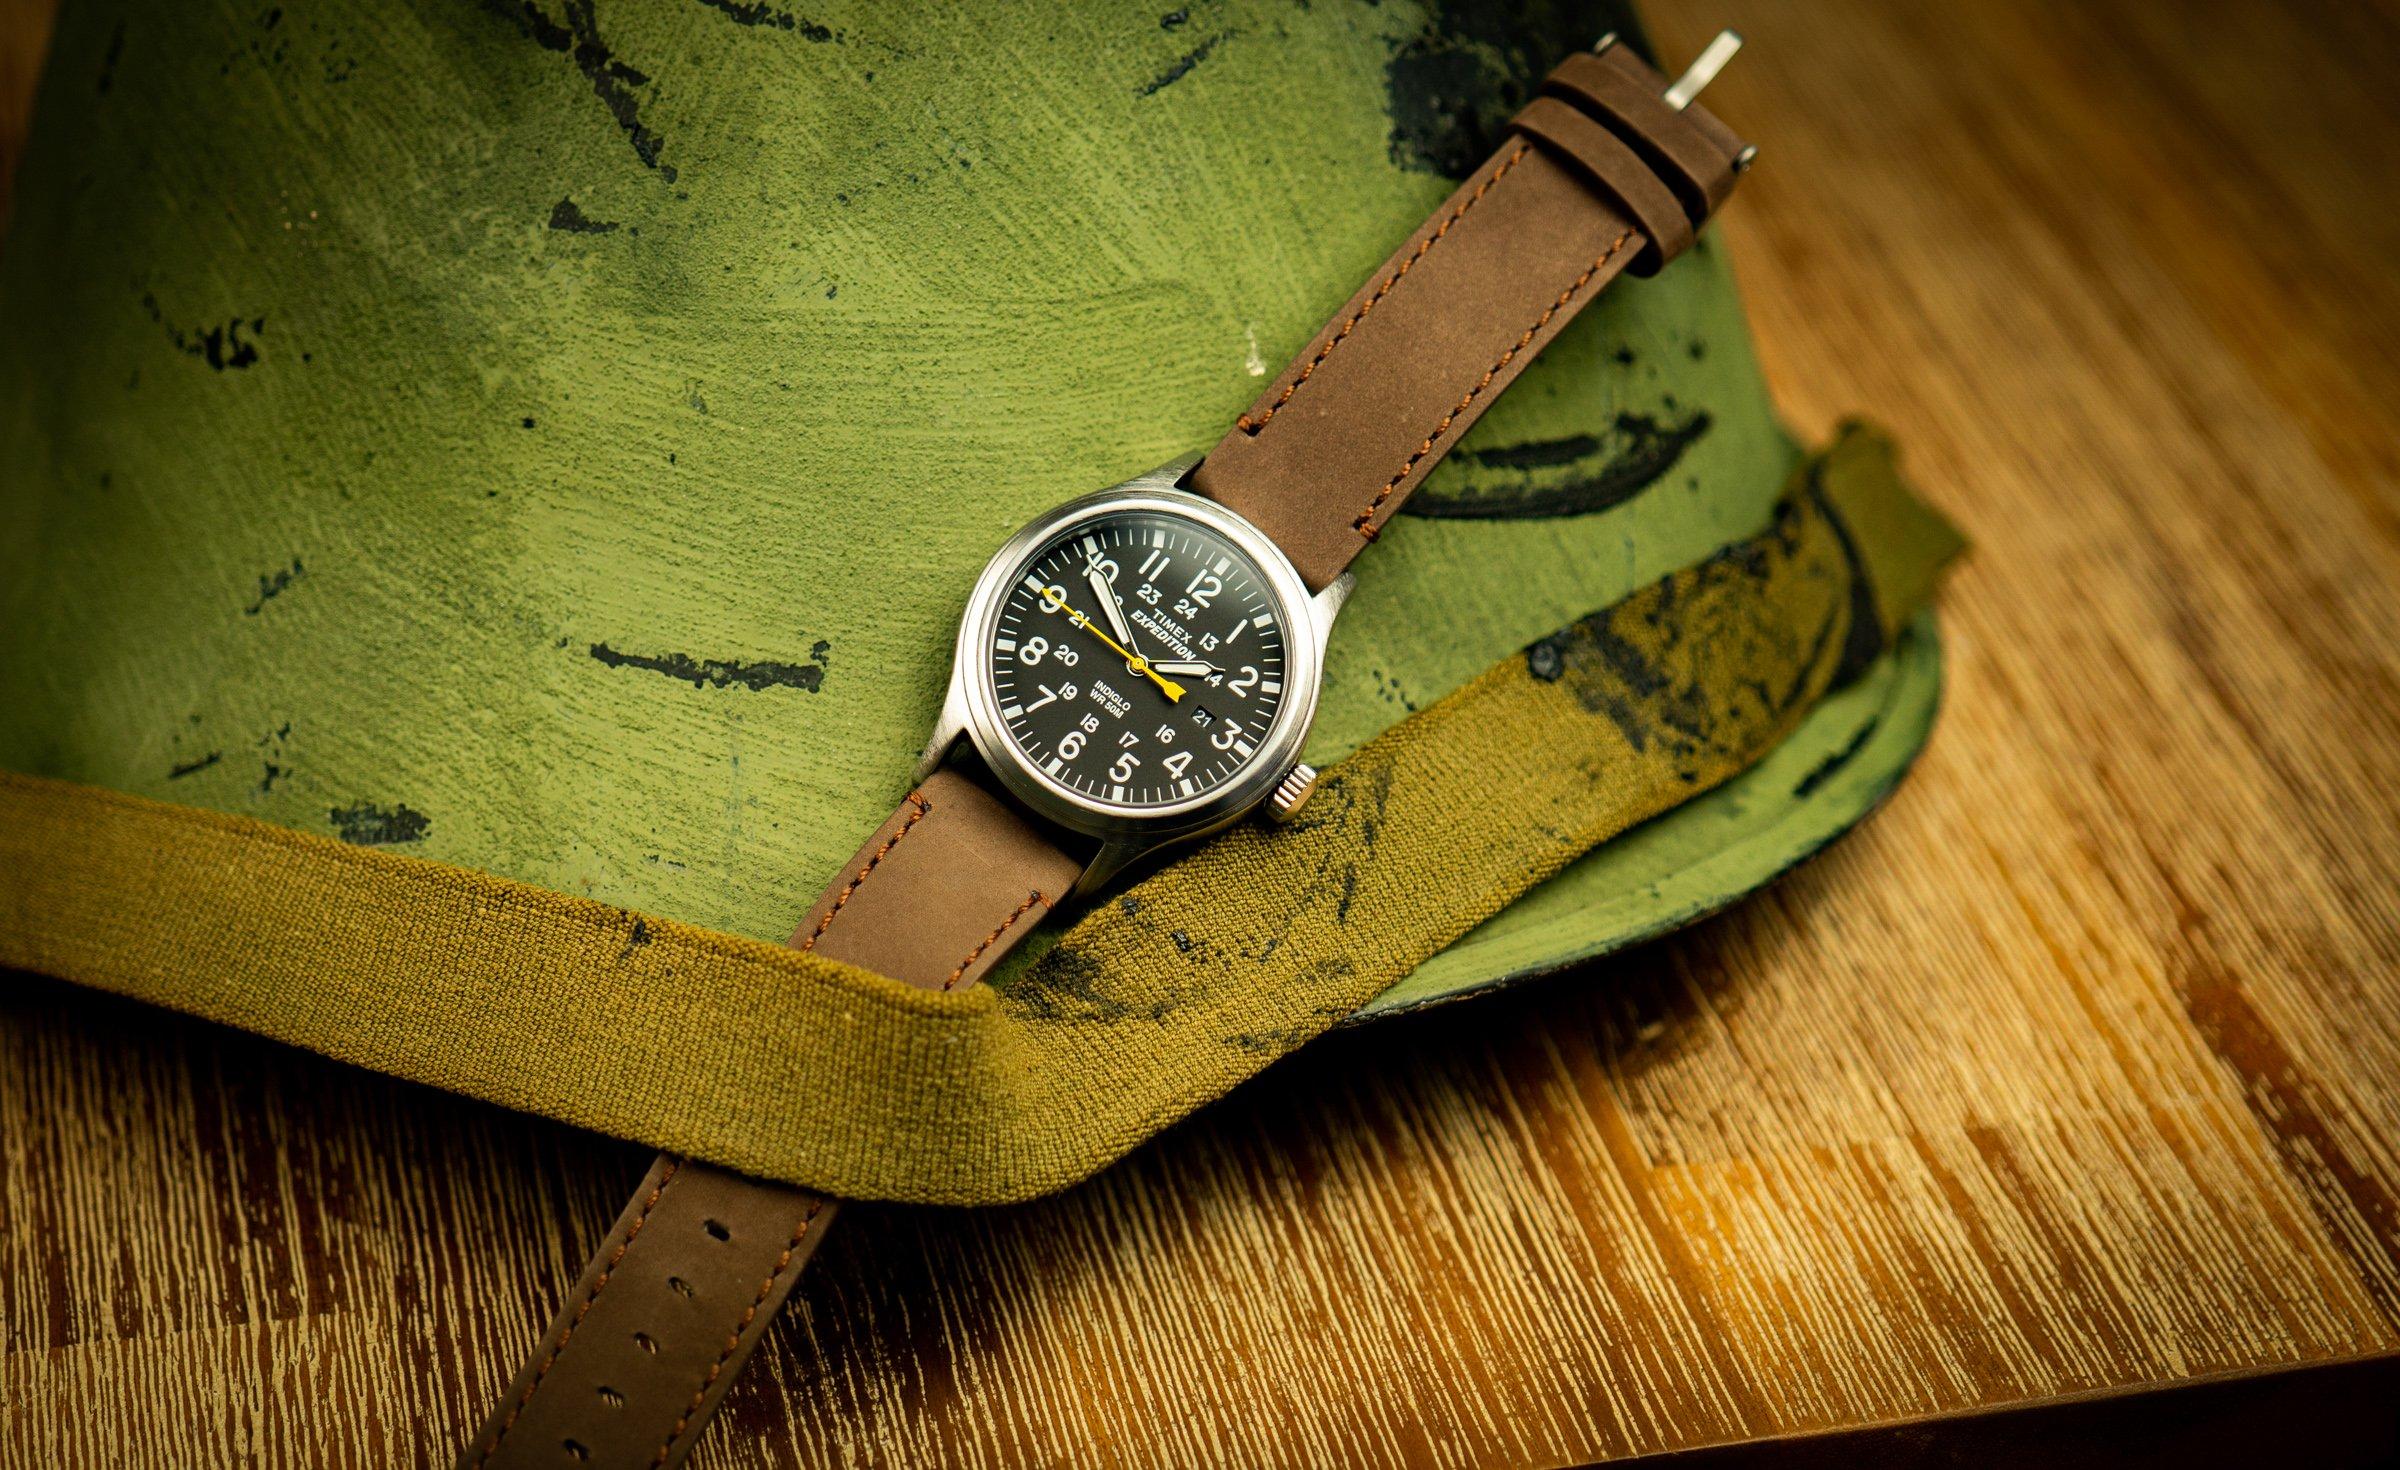 Timex-Expedition-Scout-Militär-Uhr-Field-Watch